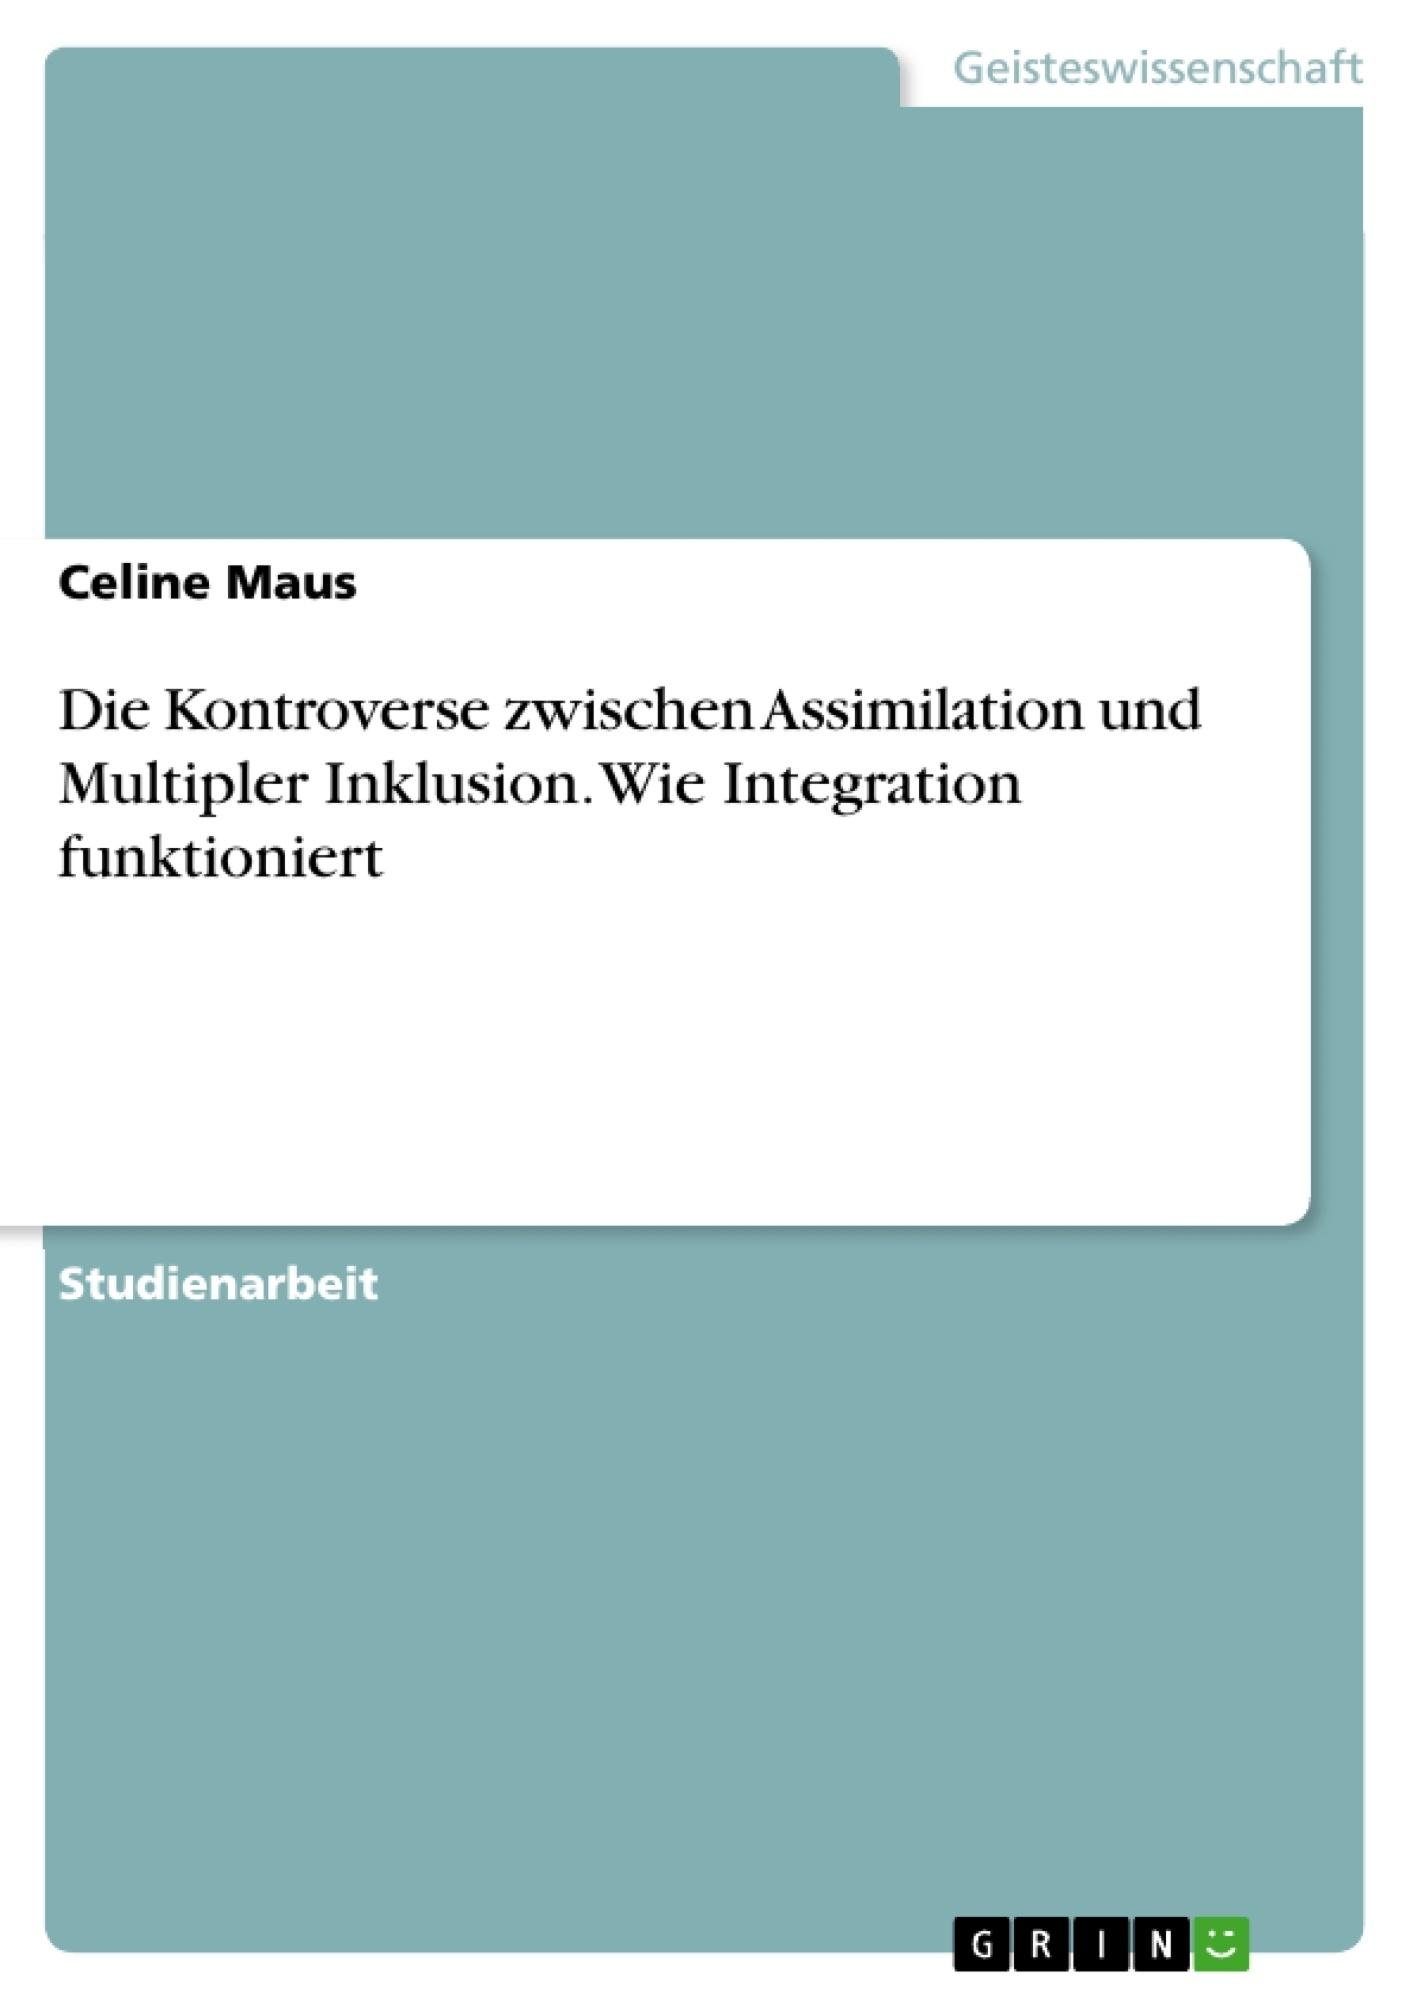 Titel: Die Kontroverse zwischen Assimilation und Multipler Inklusion. Wie Integration funktioniert